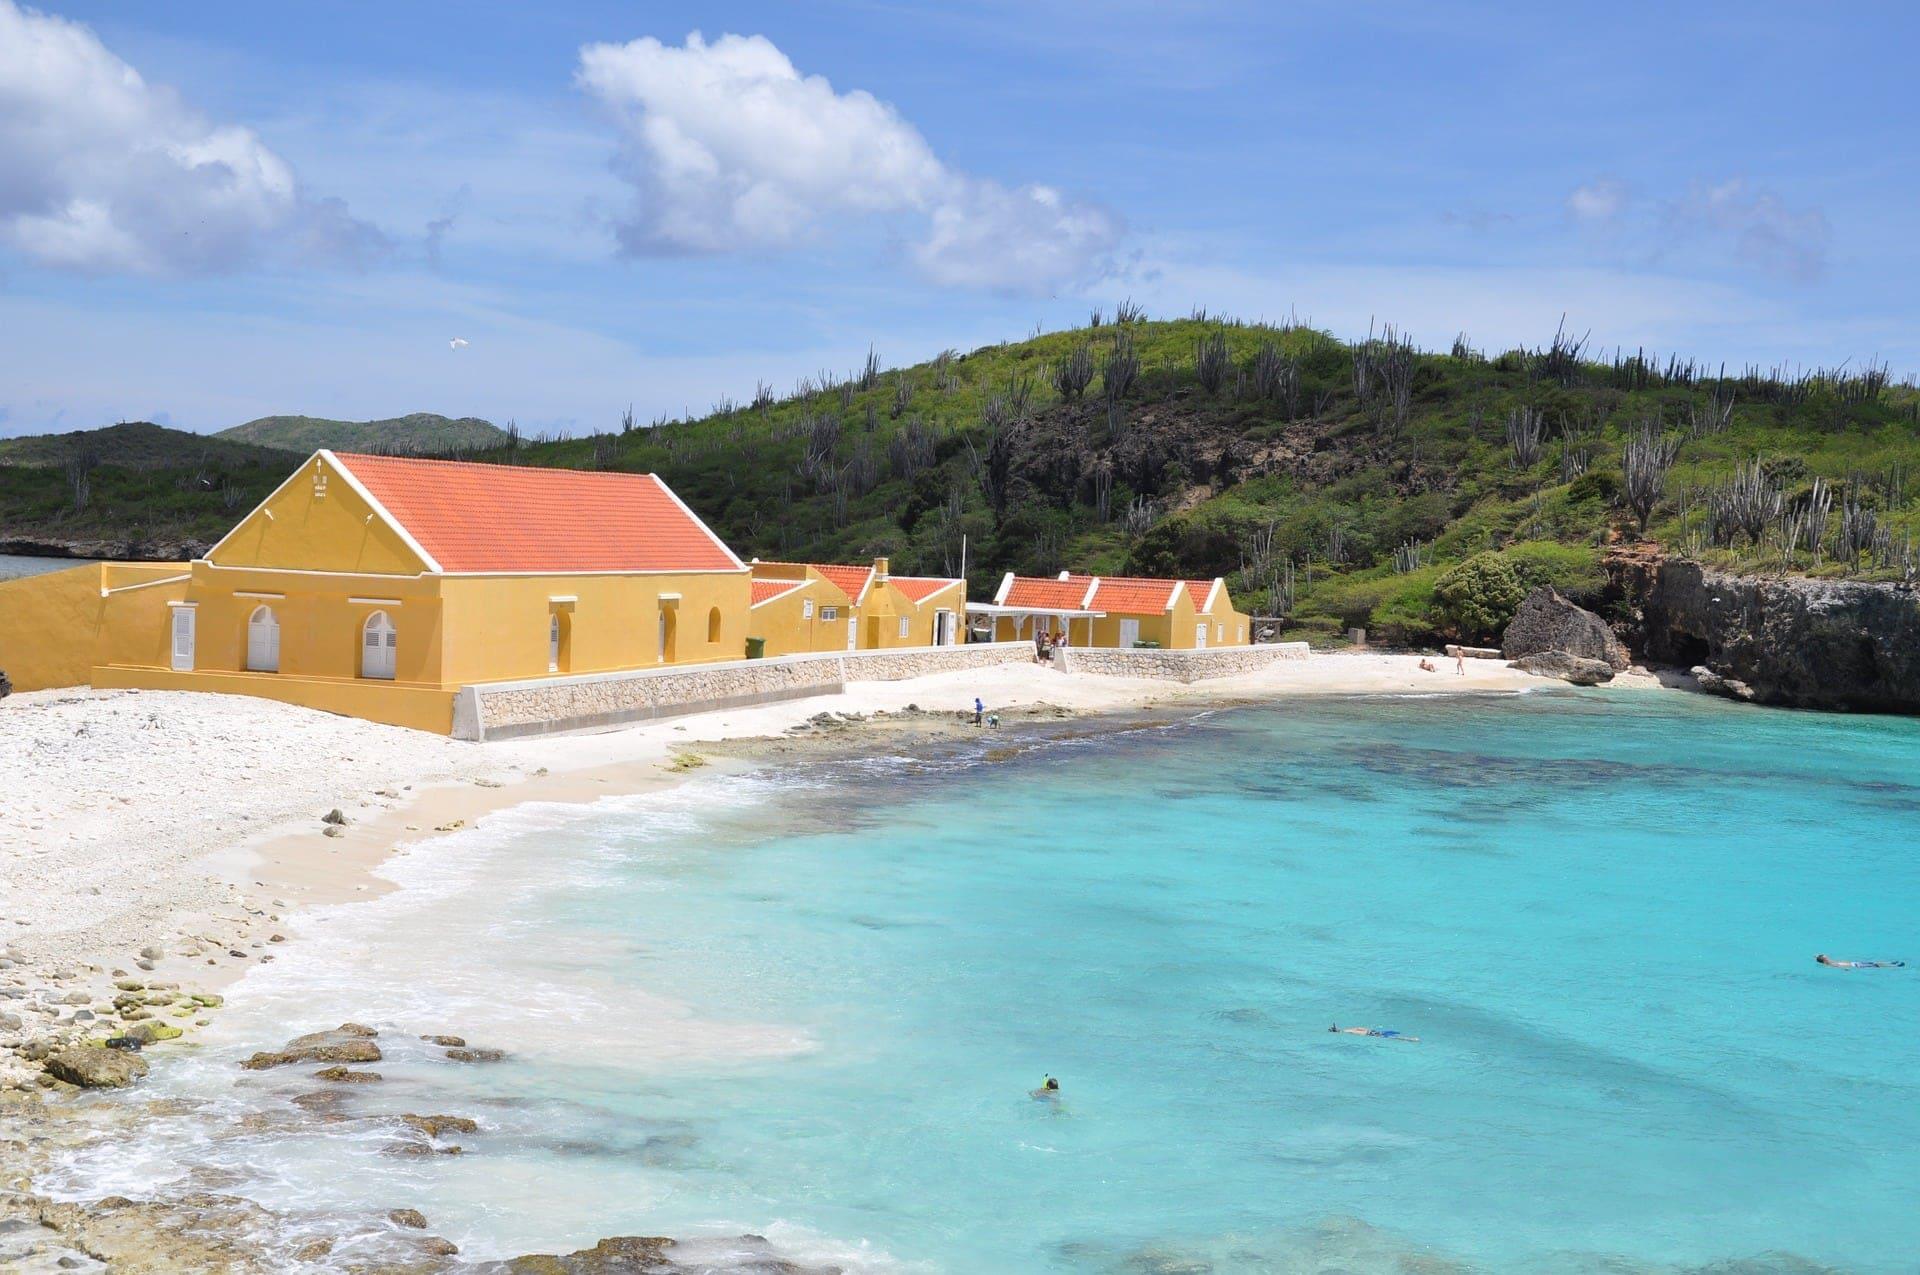 Красота крошечного карибского Бонейра